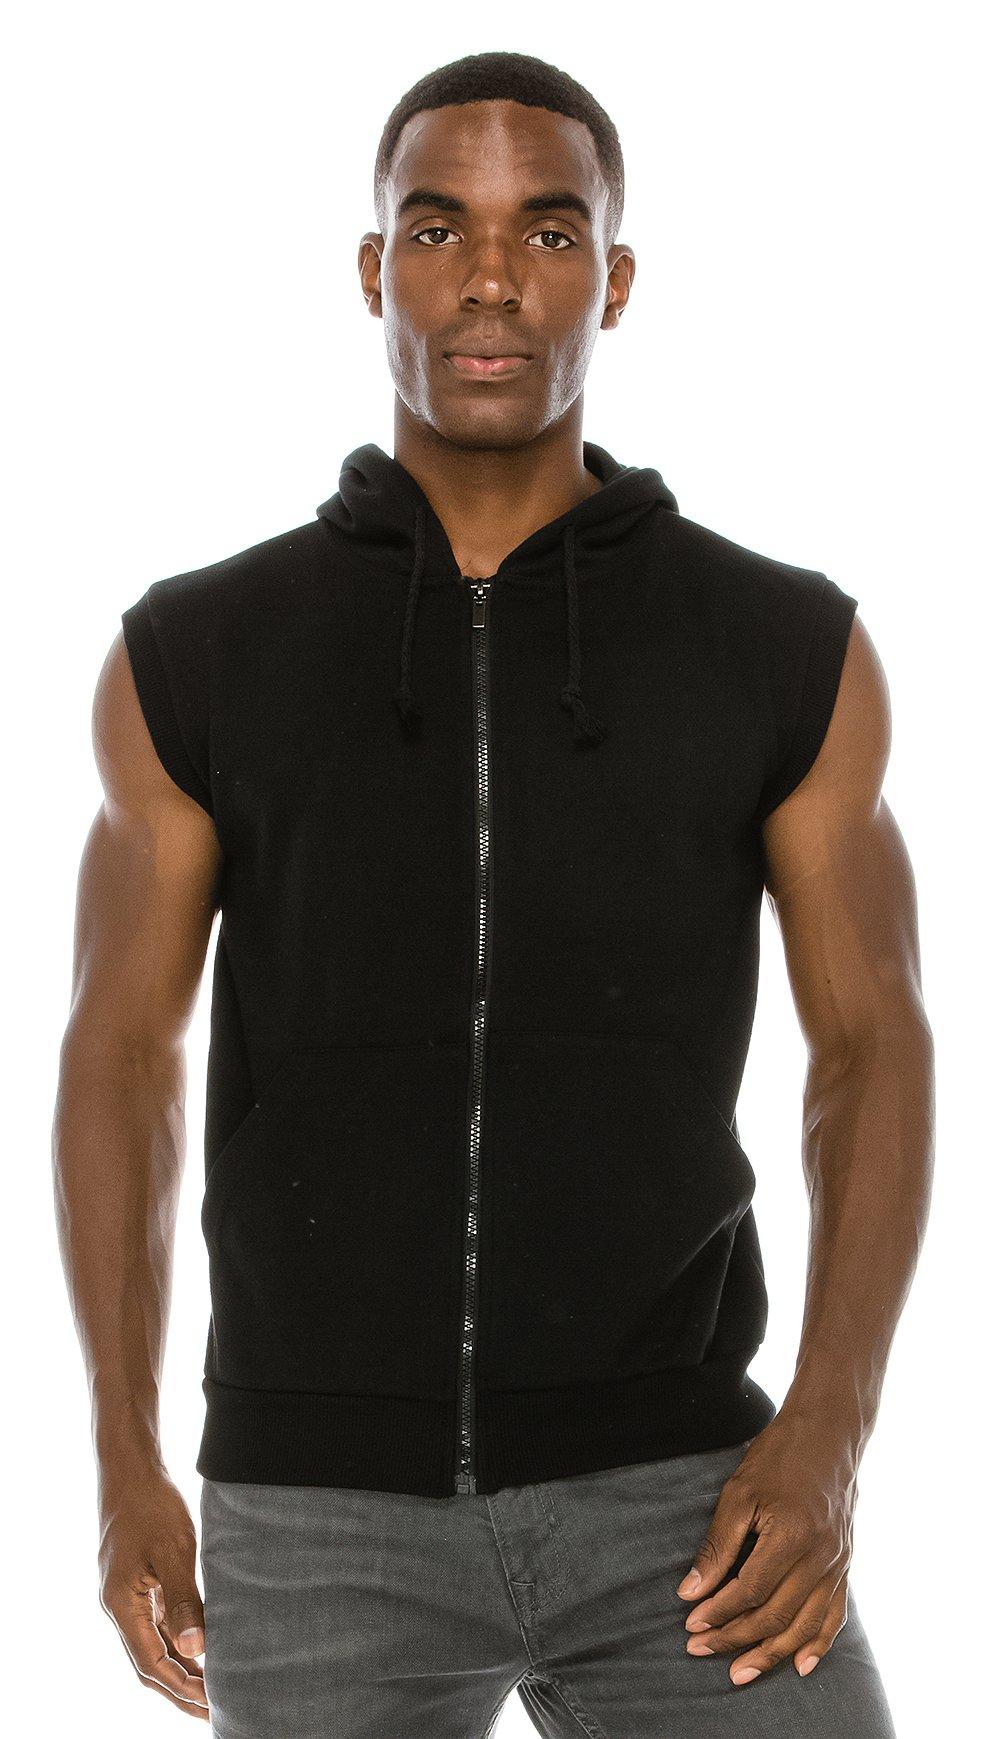 a5daaf8d547f0 Galleon - Angel Cola Men s Sleeveless Hoodie Zip Up Vest PT601 N.Black S